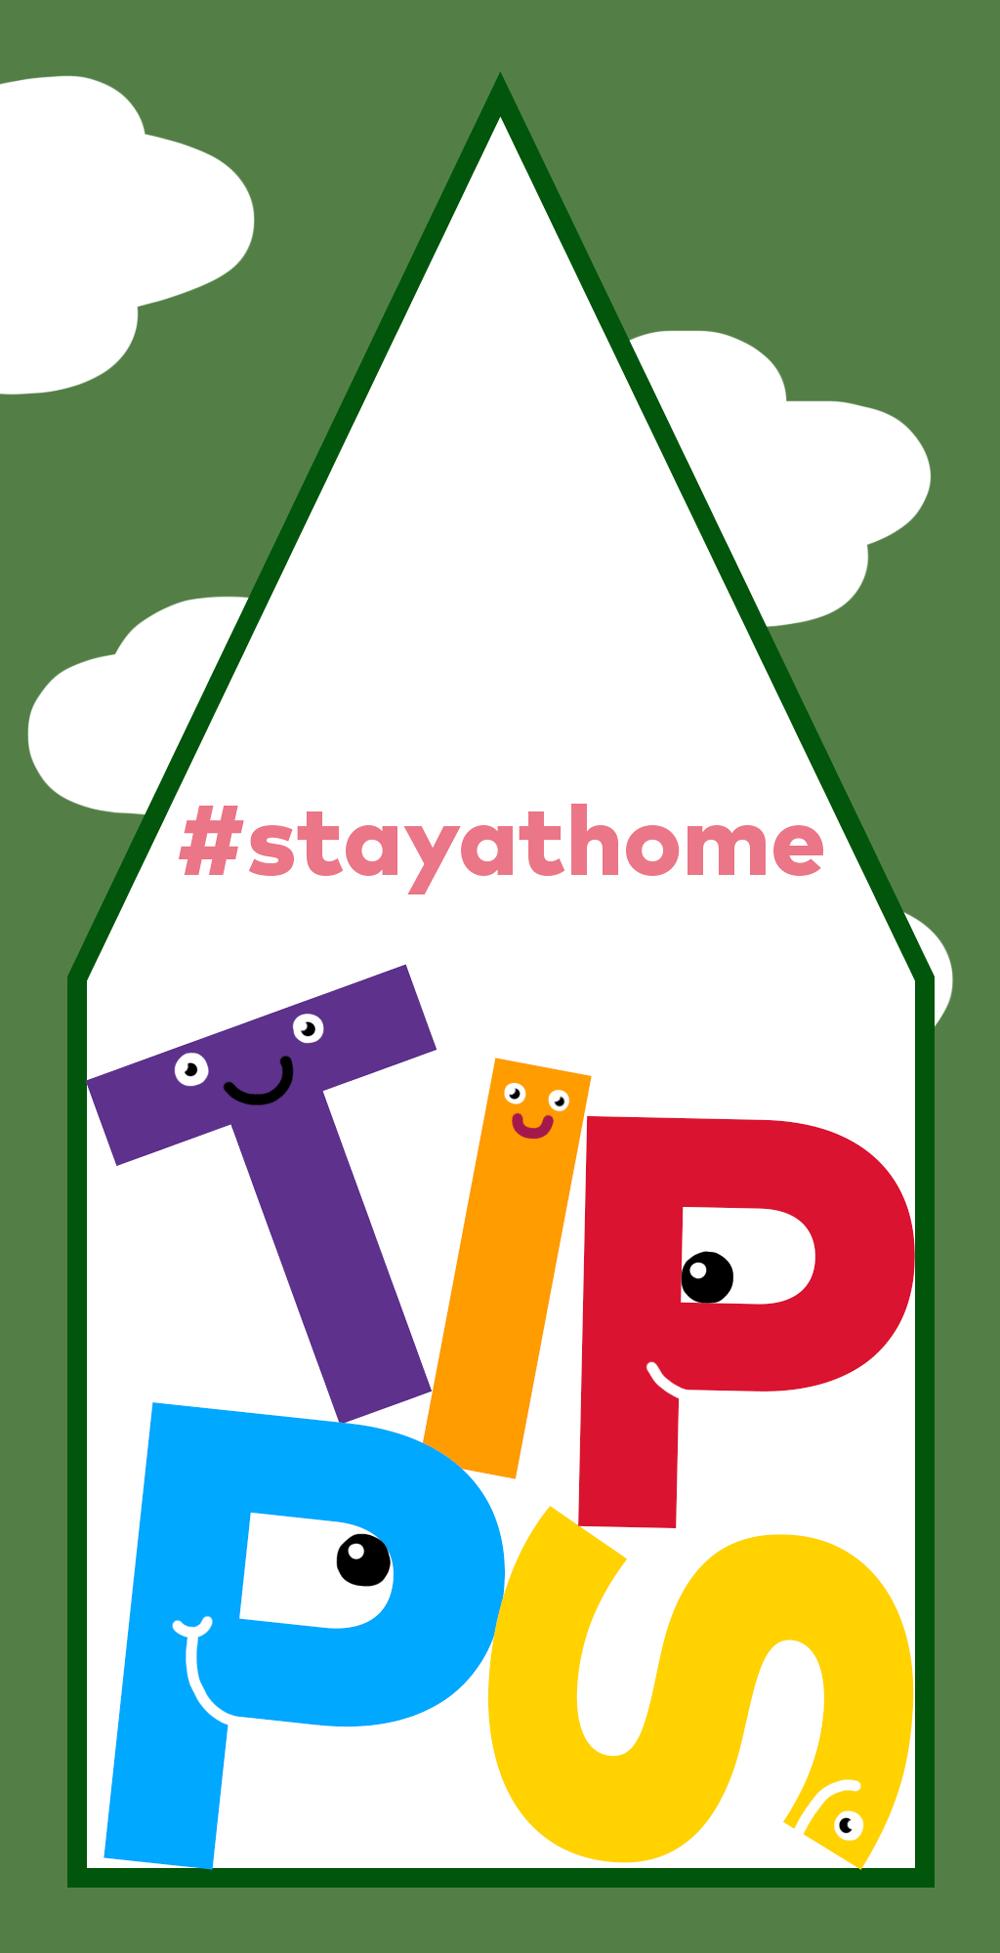 #stayathome: Unsere Entertainment-Tipps für die Corona-Quarantäne